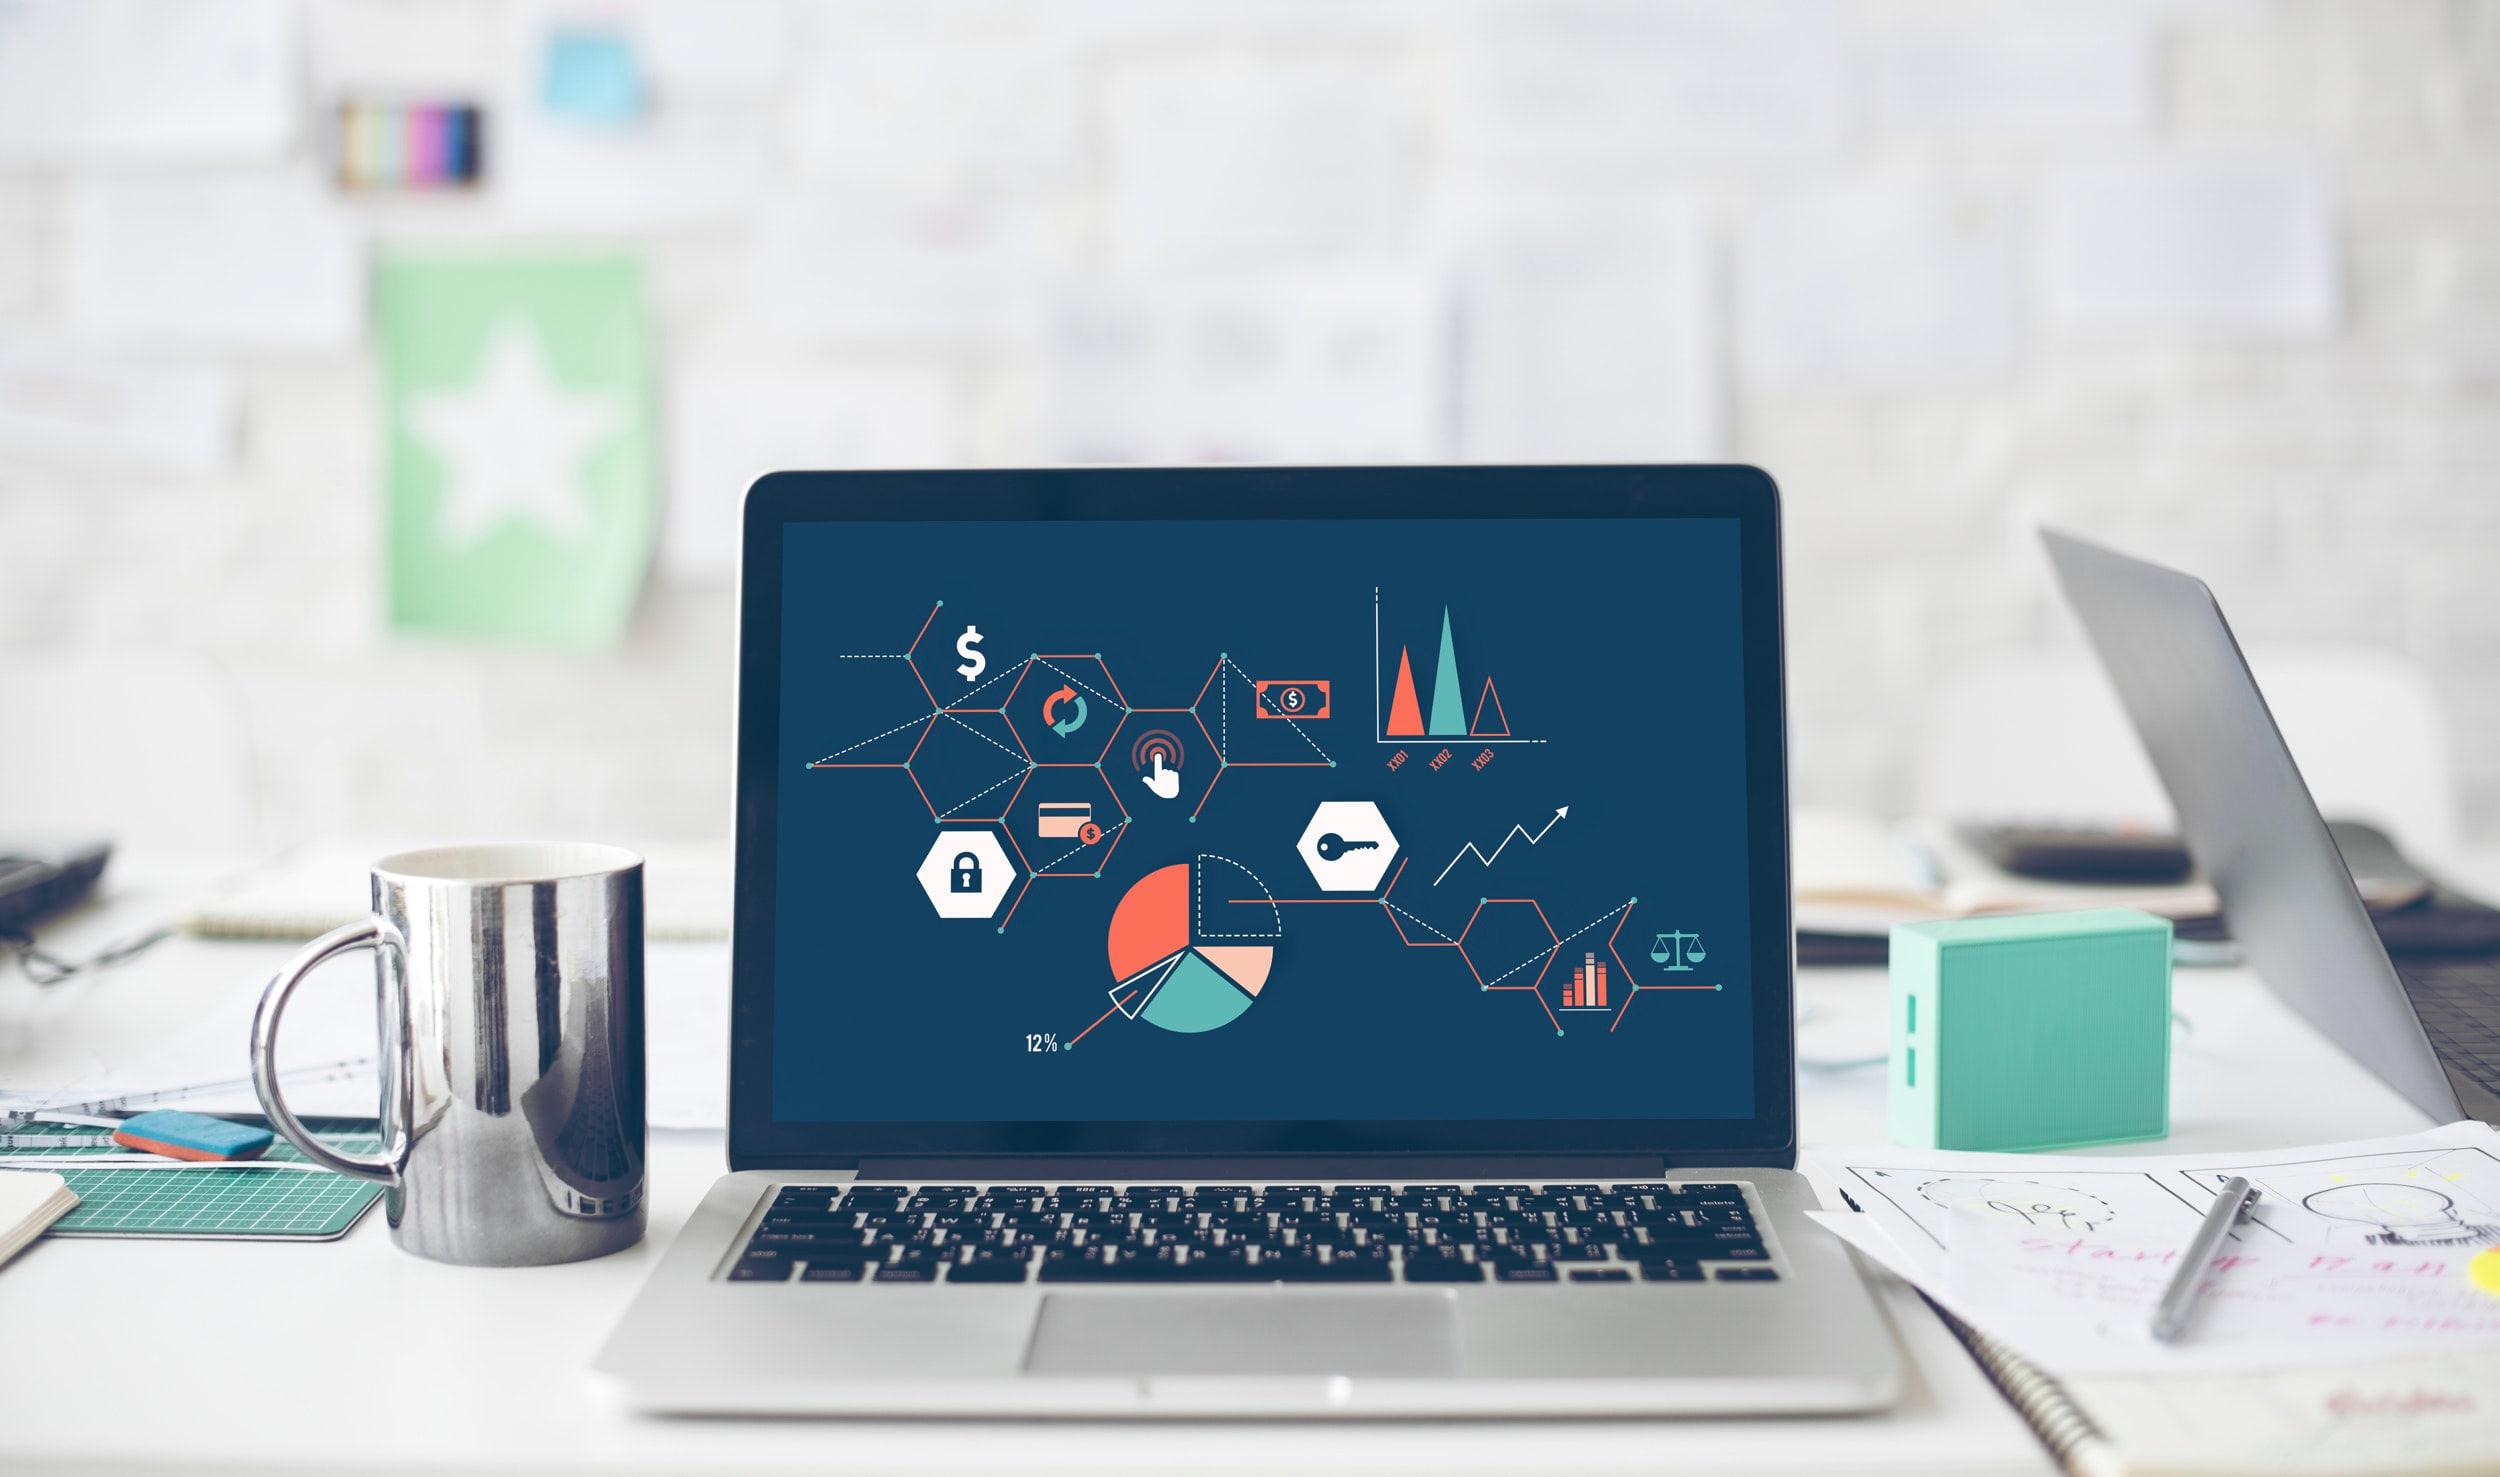 Desarrollo de webs corporativas con diseños personalizados